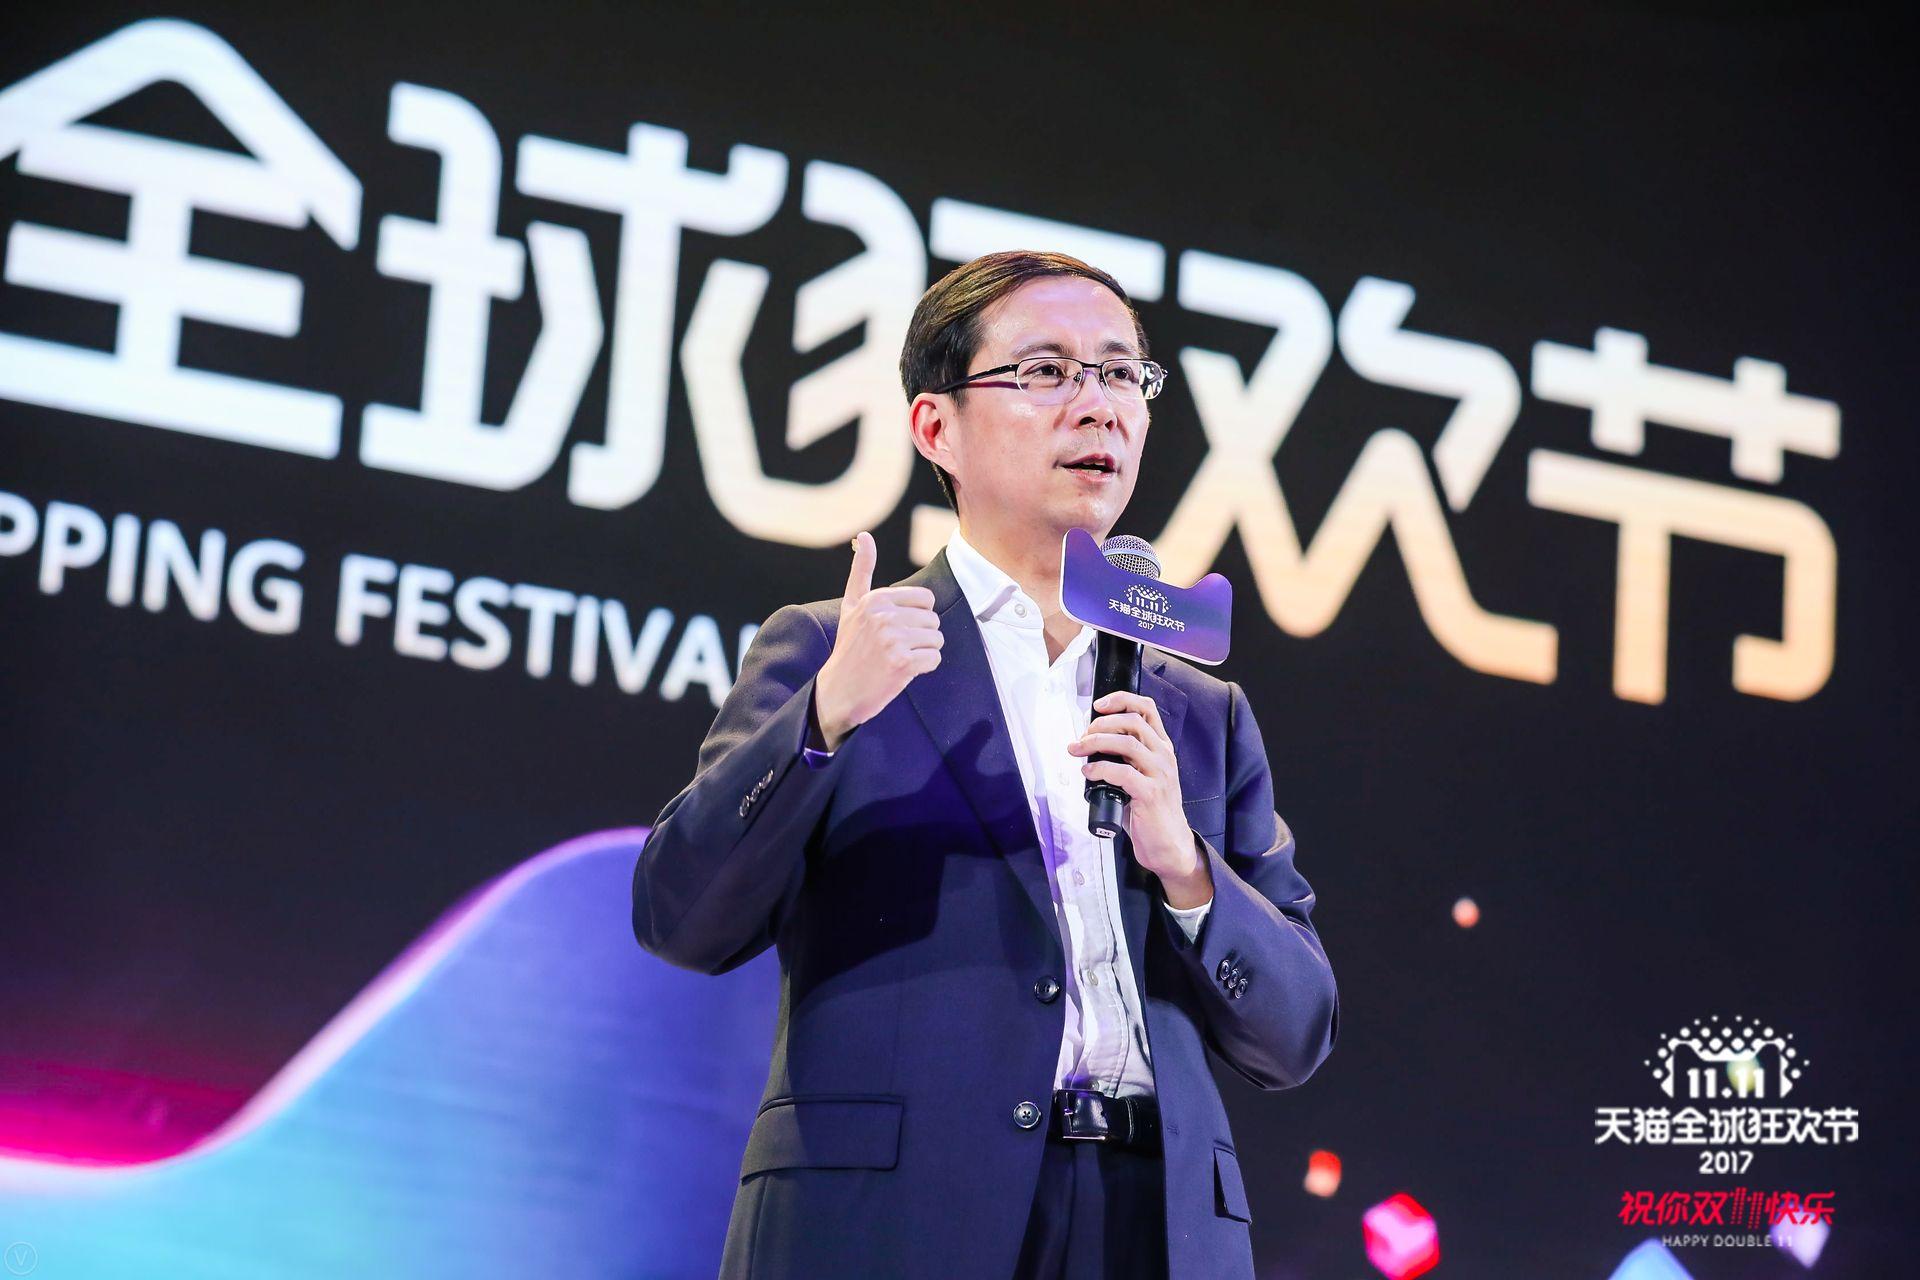 阿里CEO张勇:第九年的双11是全球所有人的共振